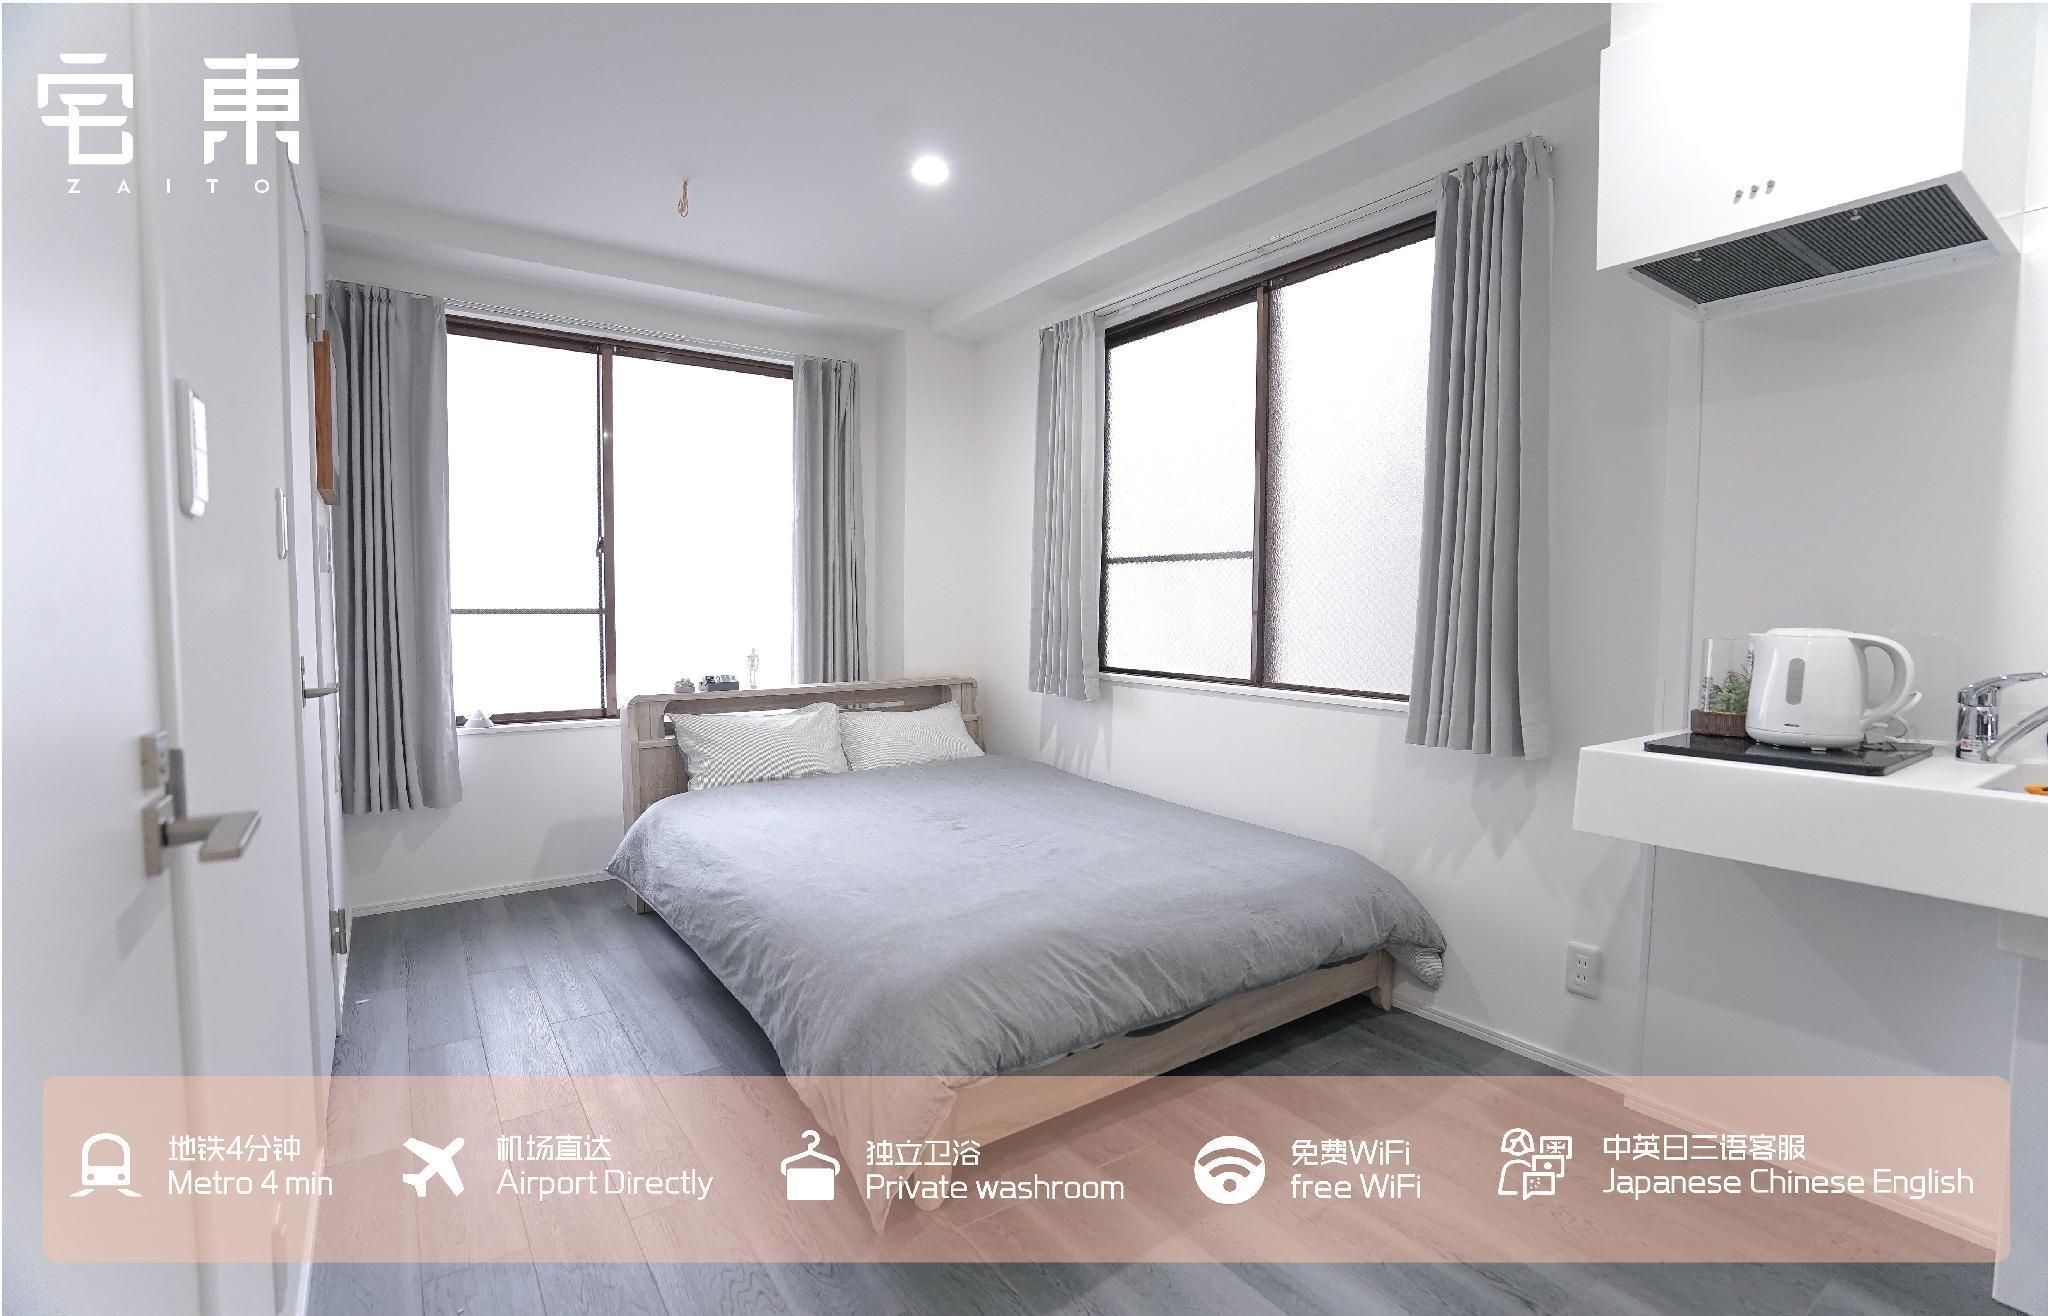 Zaito Double Room Near Skytree AirportDirect  203